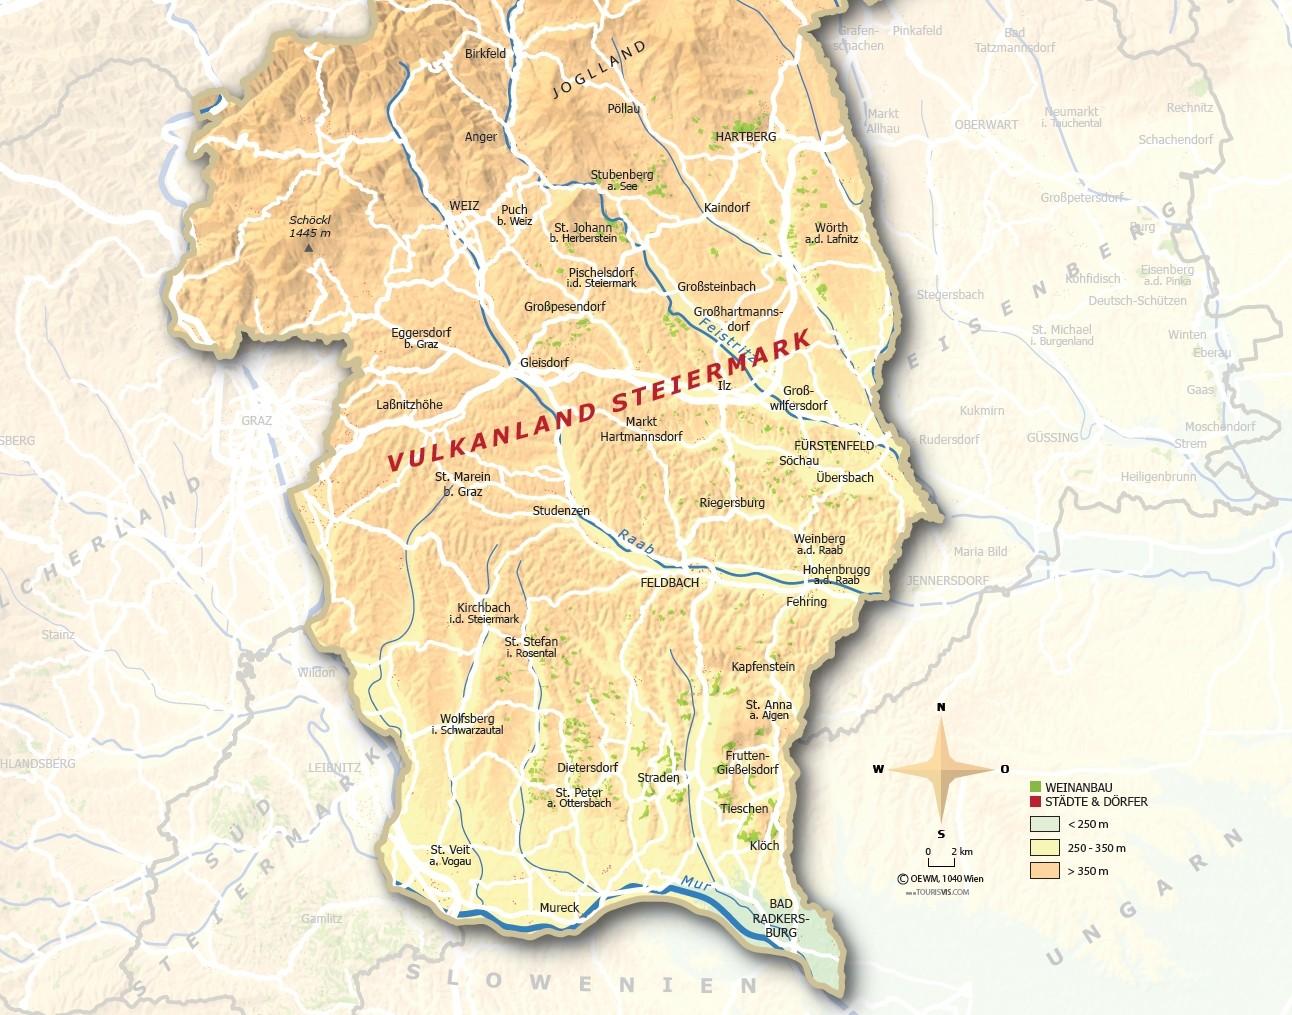 Vulkanland Steiermark - Karte mit Rebflächen